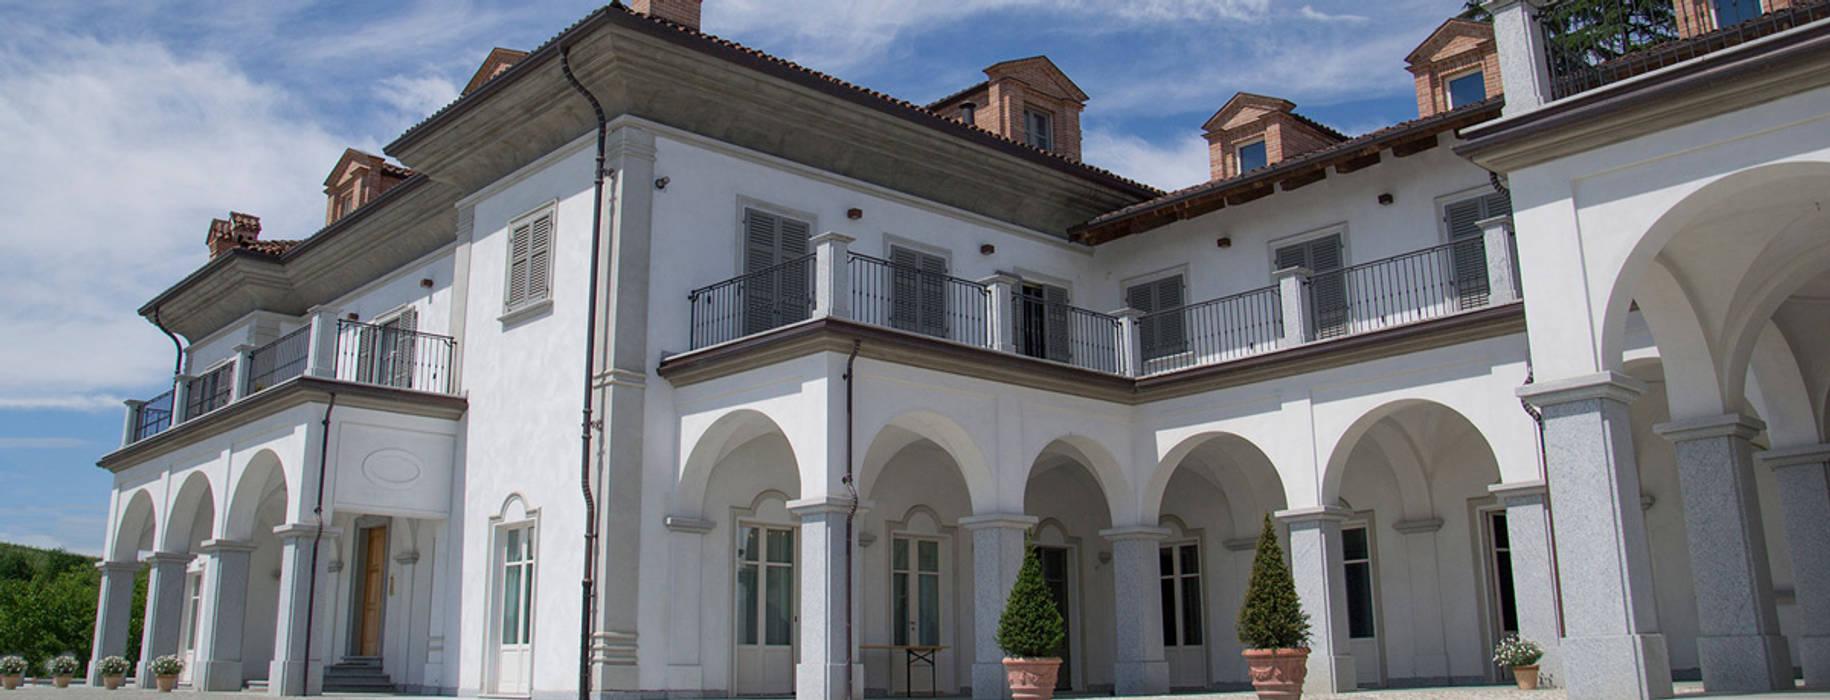 Cascina con scala in Marmo Bianco di Carrara: Scale in stile  di Canalmarmi e Graniti snc